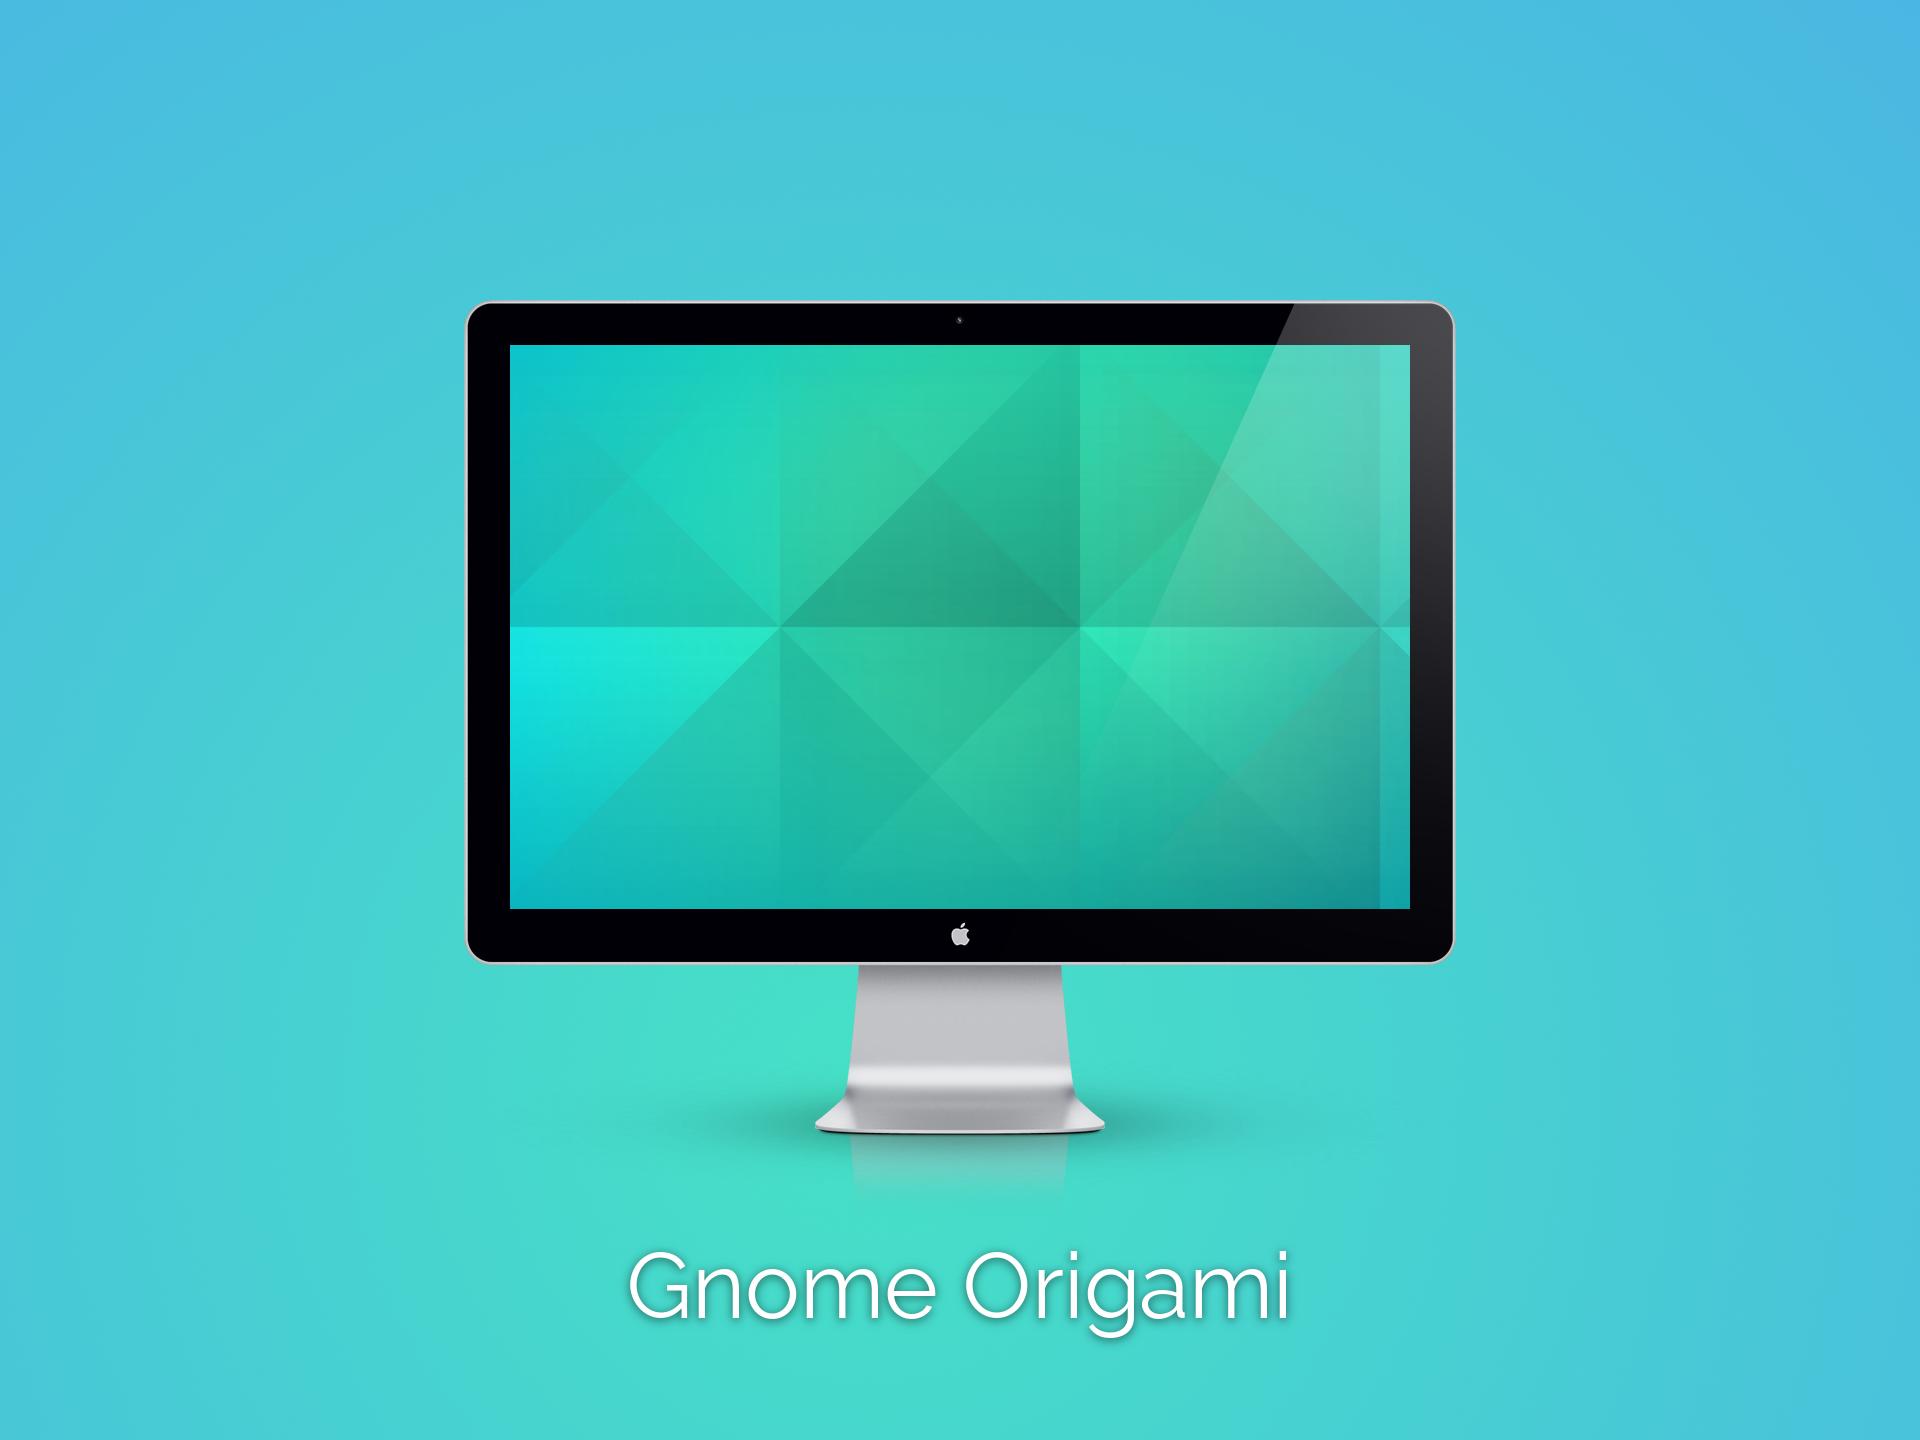 Gnome Origami